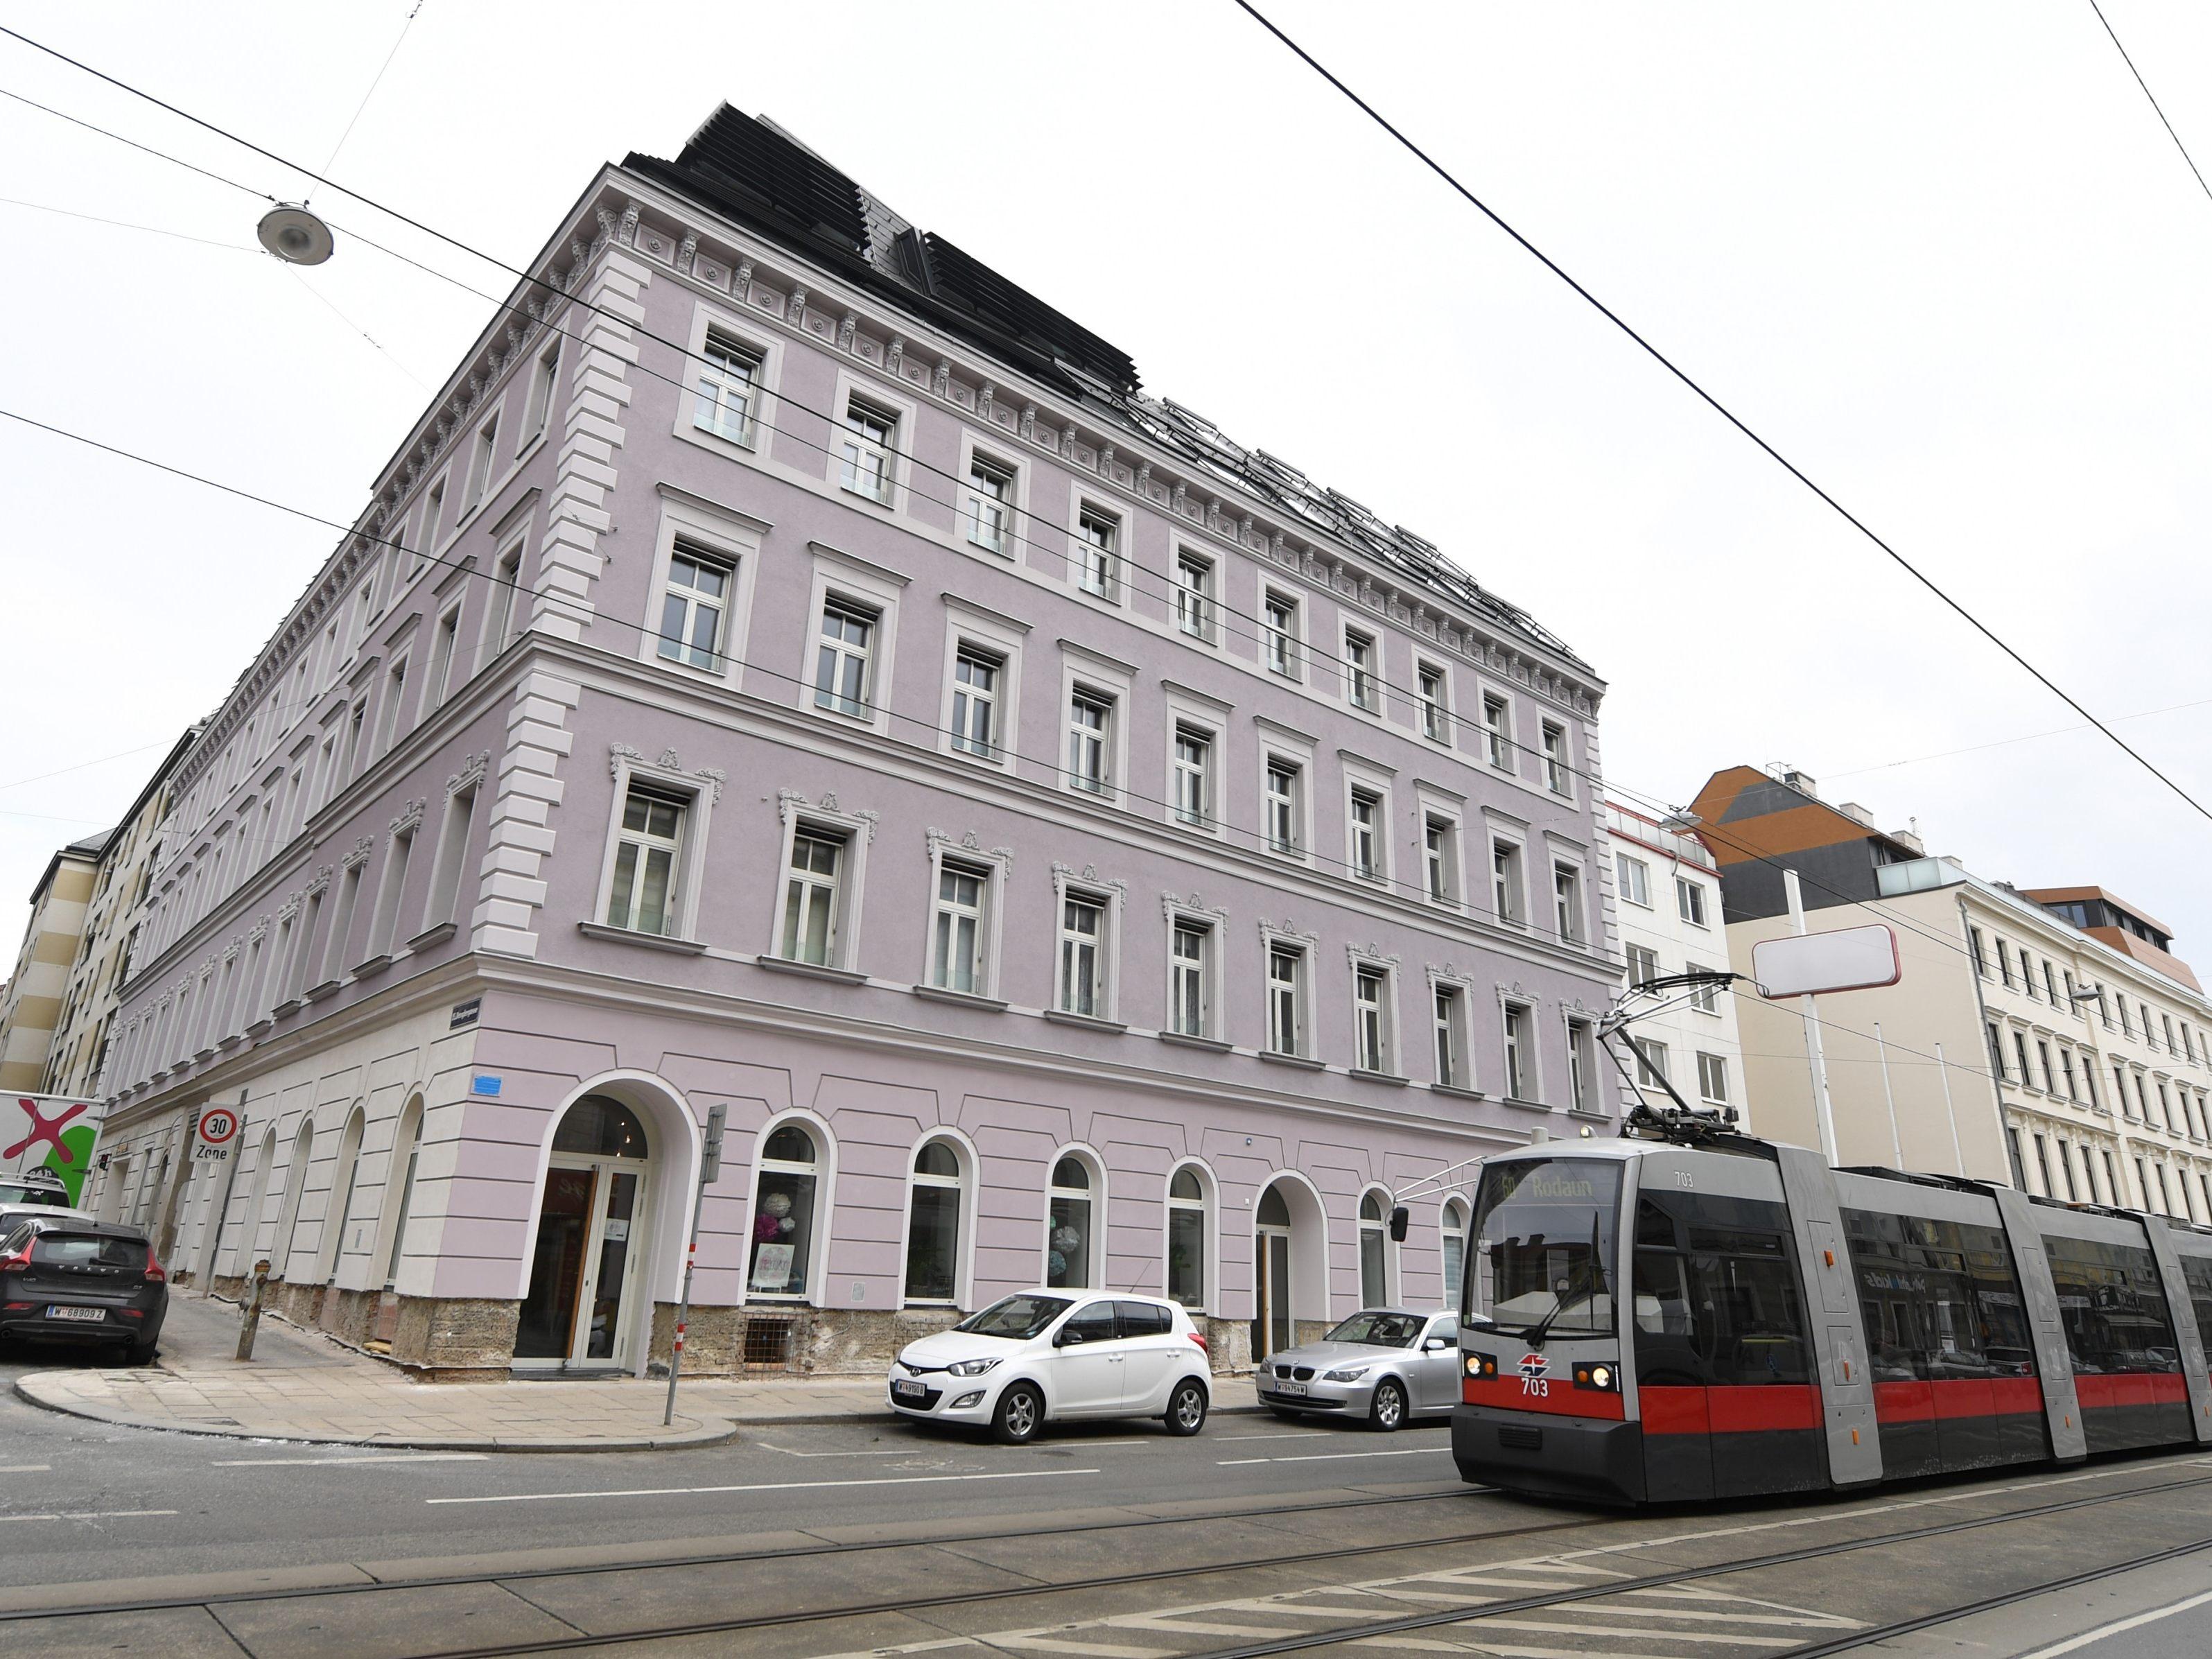 Grunderzeithaus In Wien Erstrahlt Nach Gasexplosion In Neuem Glanz